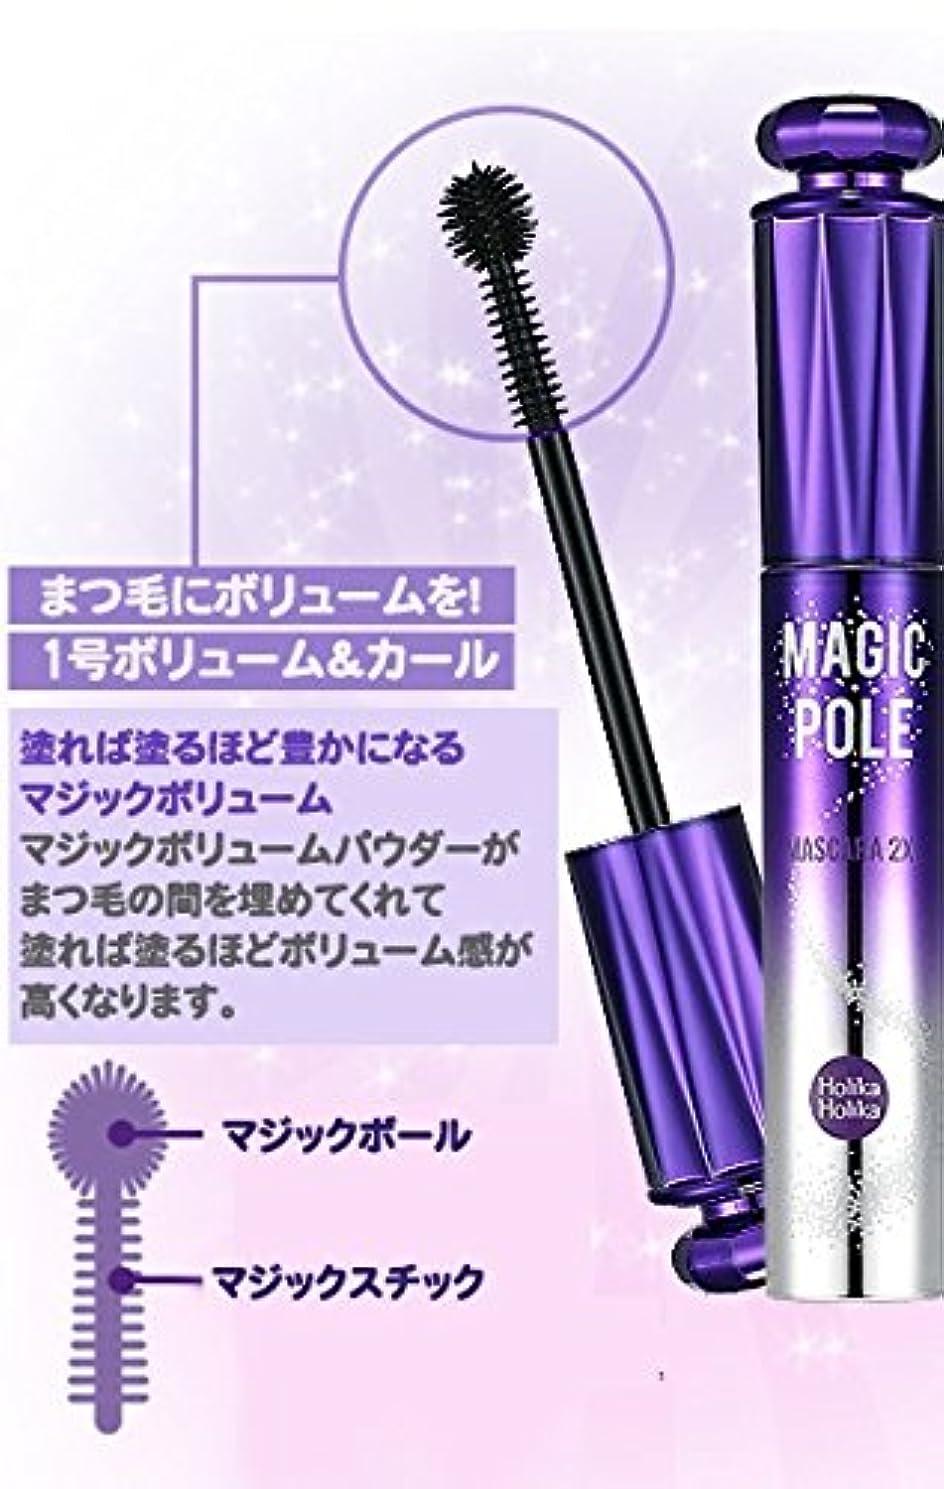 人形スピリチュアル決めますHolika Holika ホリカホリカ マジックポールマスカラ 2X 4類 (Magic Pole Mascara 2X) 海外直送品 (1号 ボリューム&カール)